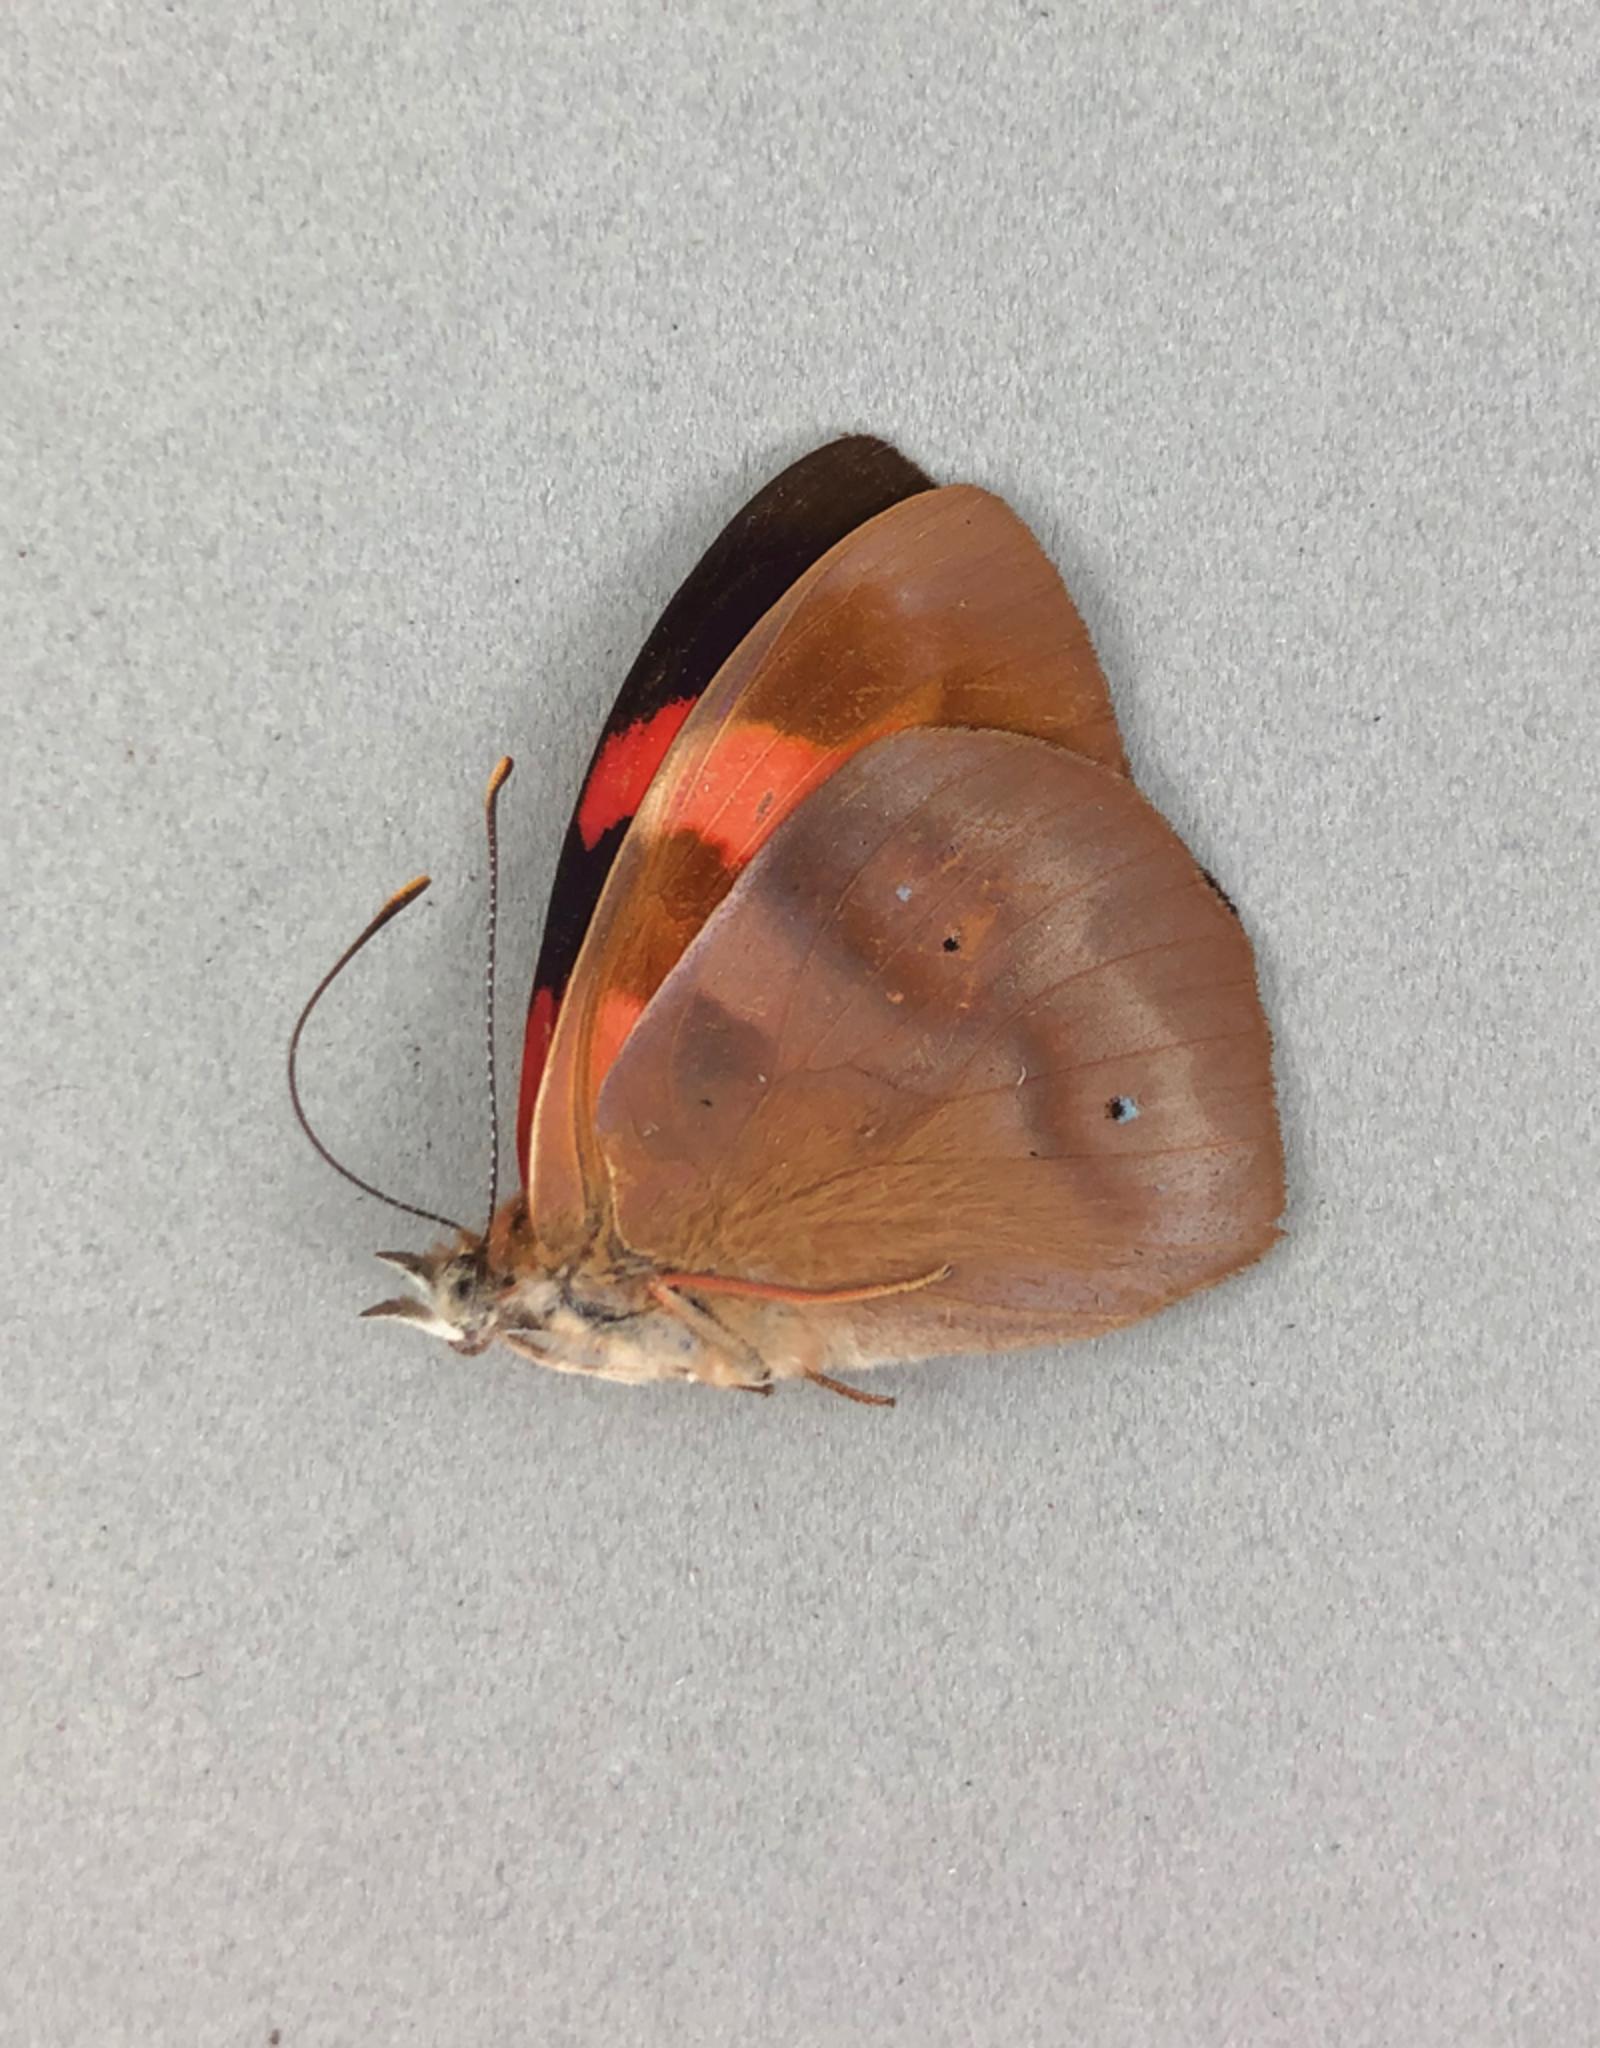 Temenis pulchra f. dilutior M A1 Peru